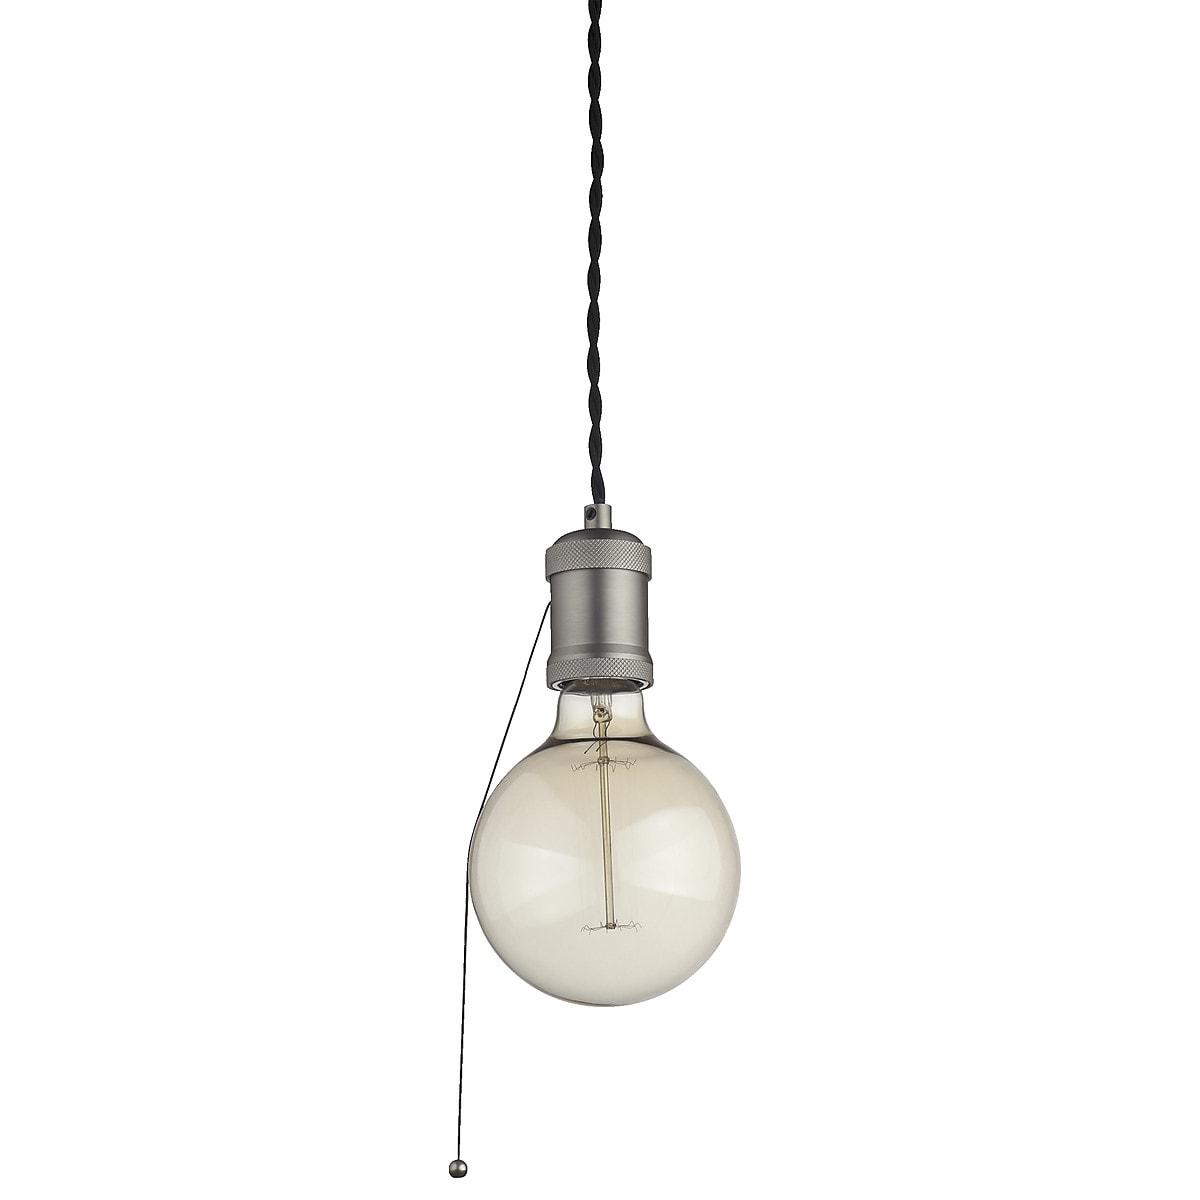 Northlight Classic lampeholder med tekstilledning